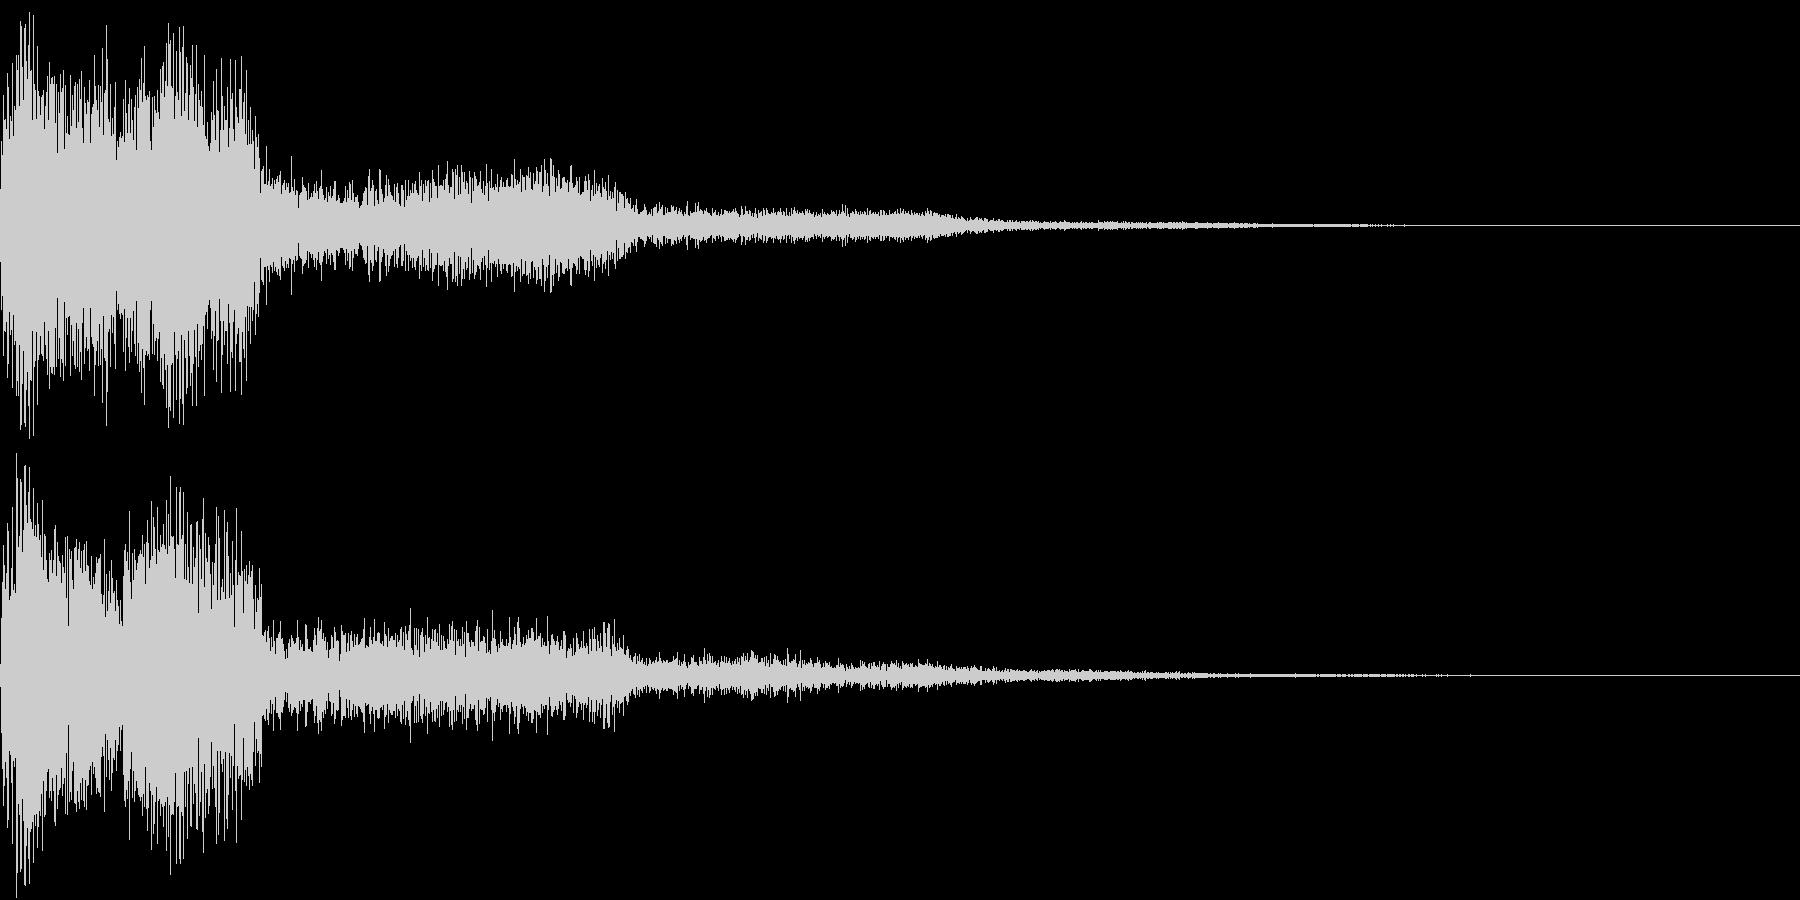 ピコン ピコ チャリン ピコーン の未再生の波形